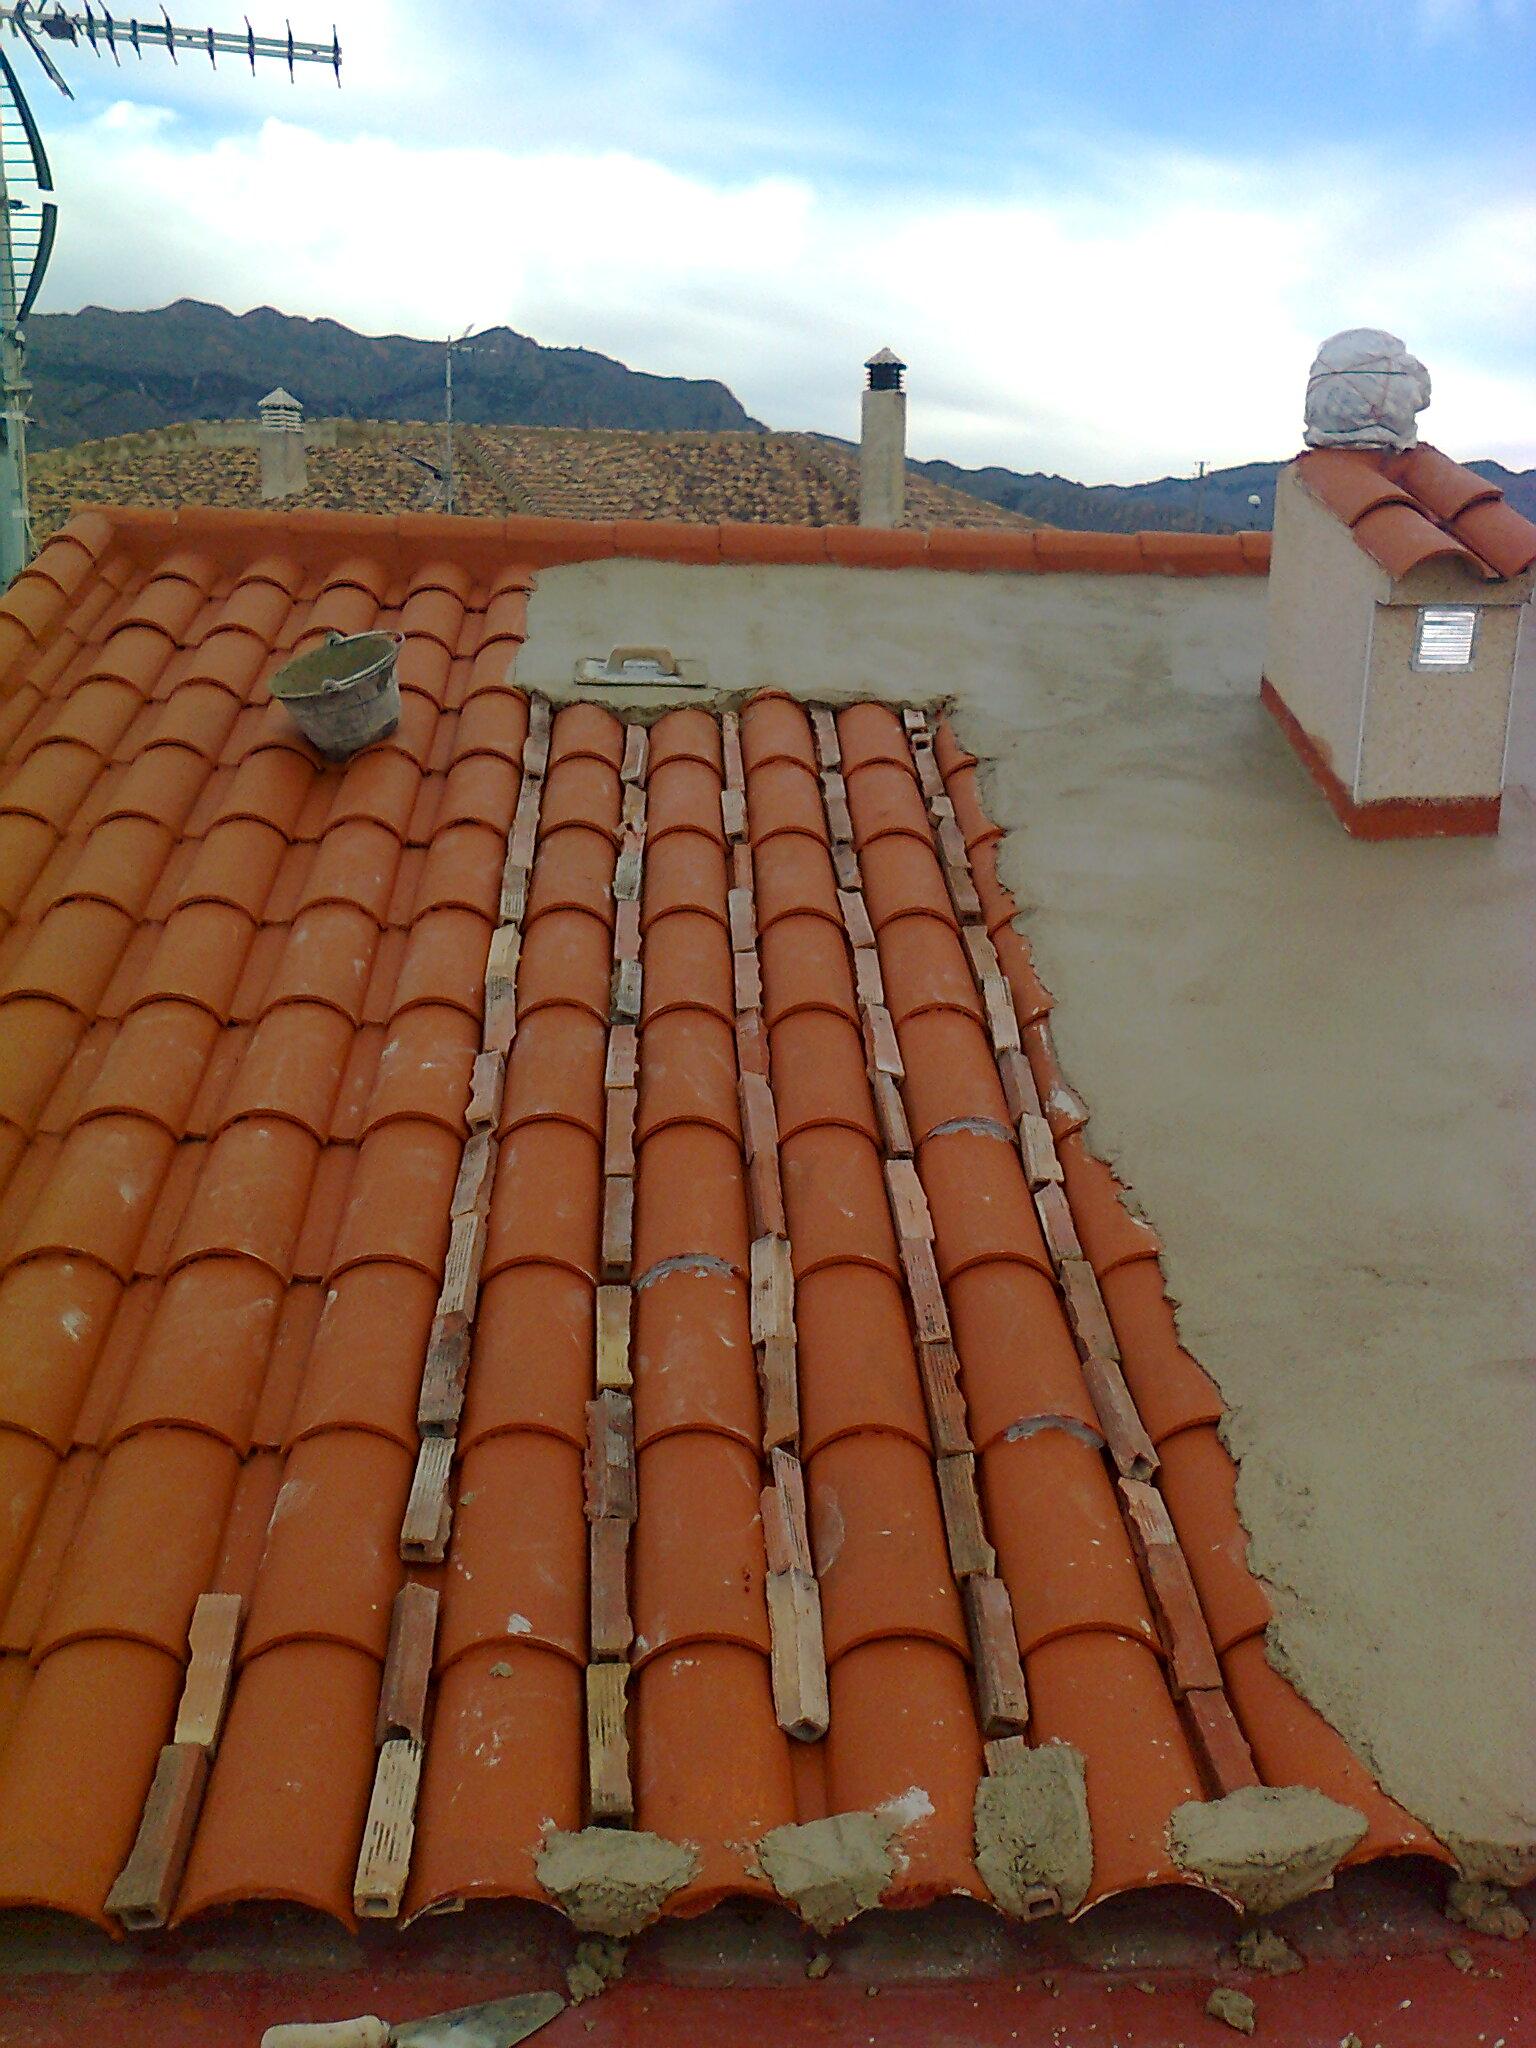 Impermeabilizaci n de terrazas y tejados - Impermeabilizacion de tejados ...